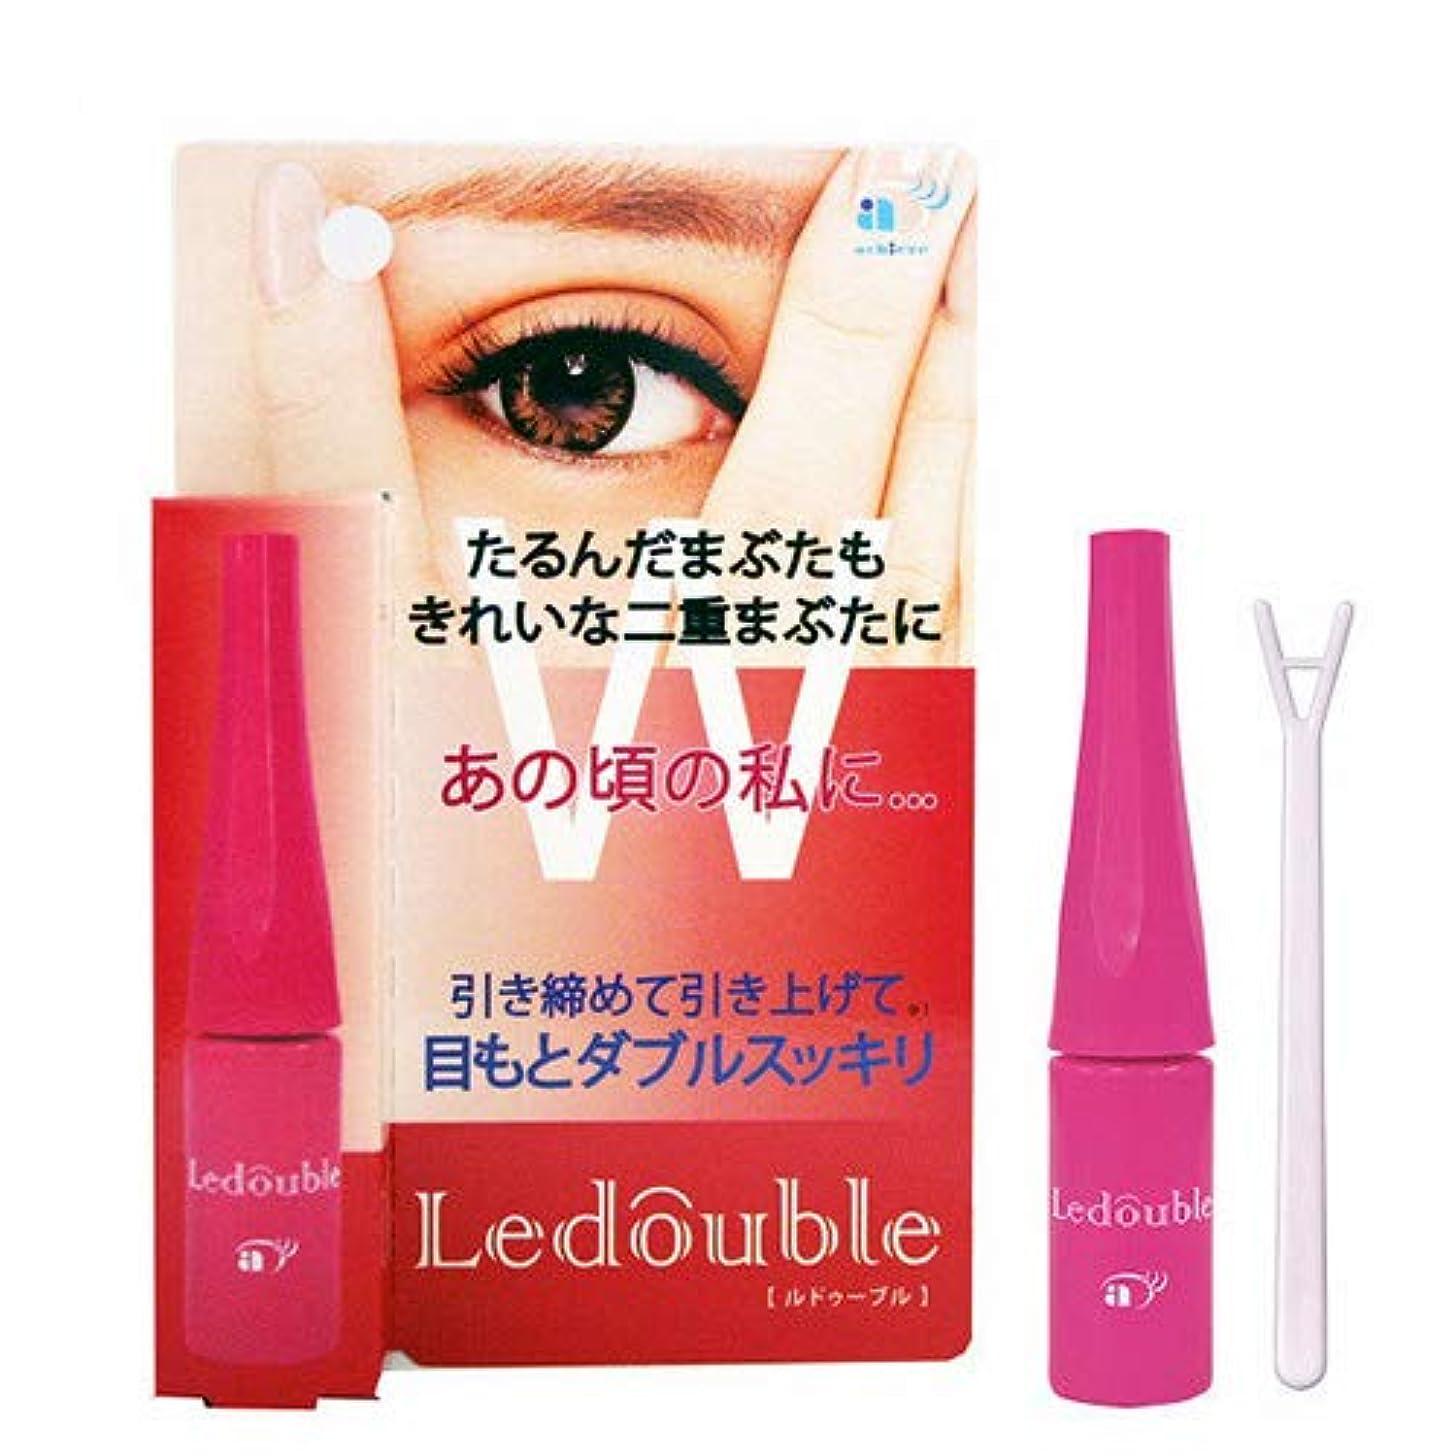 証書四分円シリーズ大人のLedouble [大人のルドゥーブル] 二重まぶた化粧品 (4mL)×2個セット